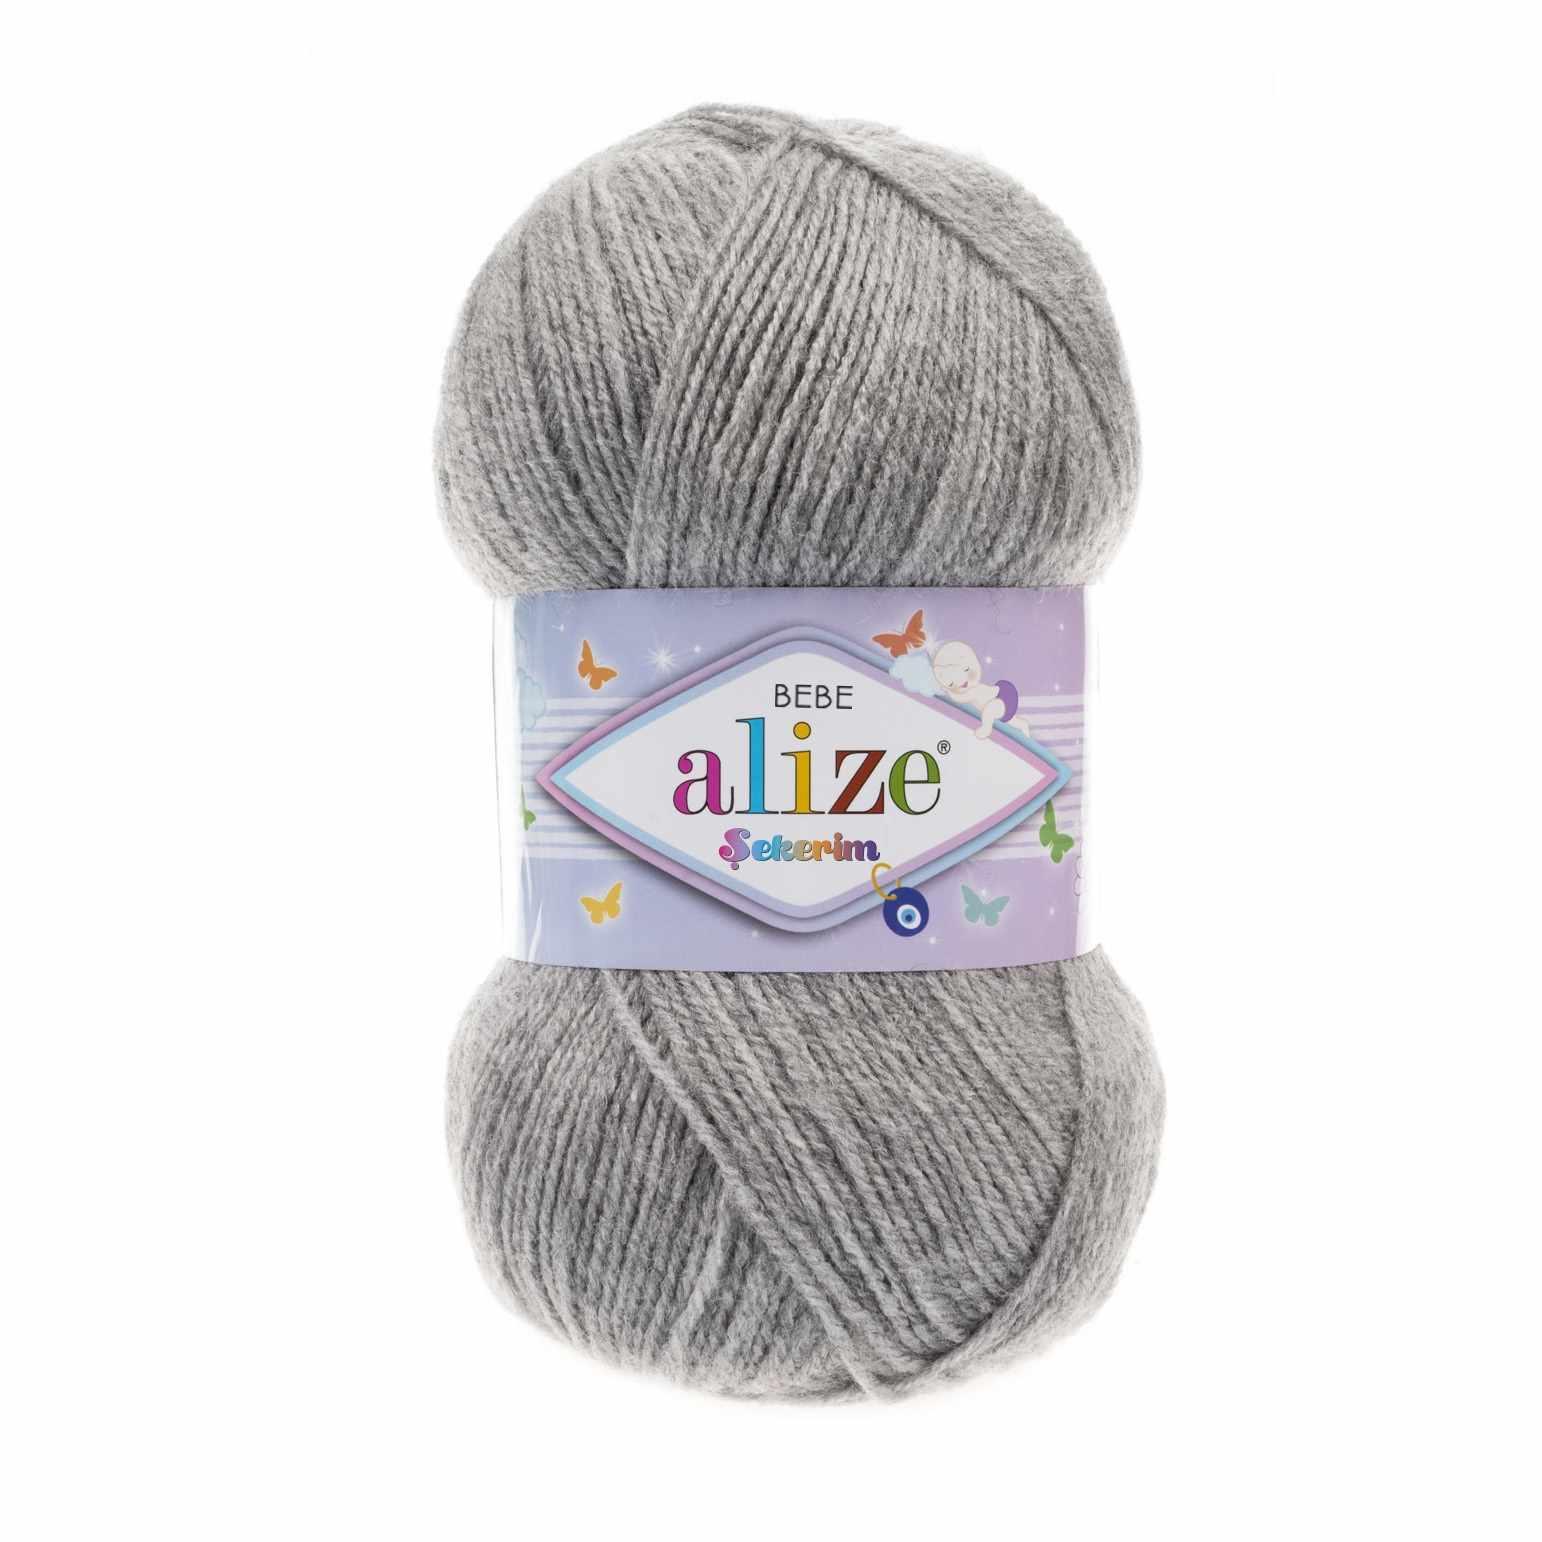 Пряжа Alize Sekerim Bebe Цвет.21 серый меланж